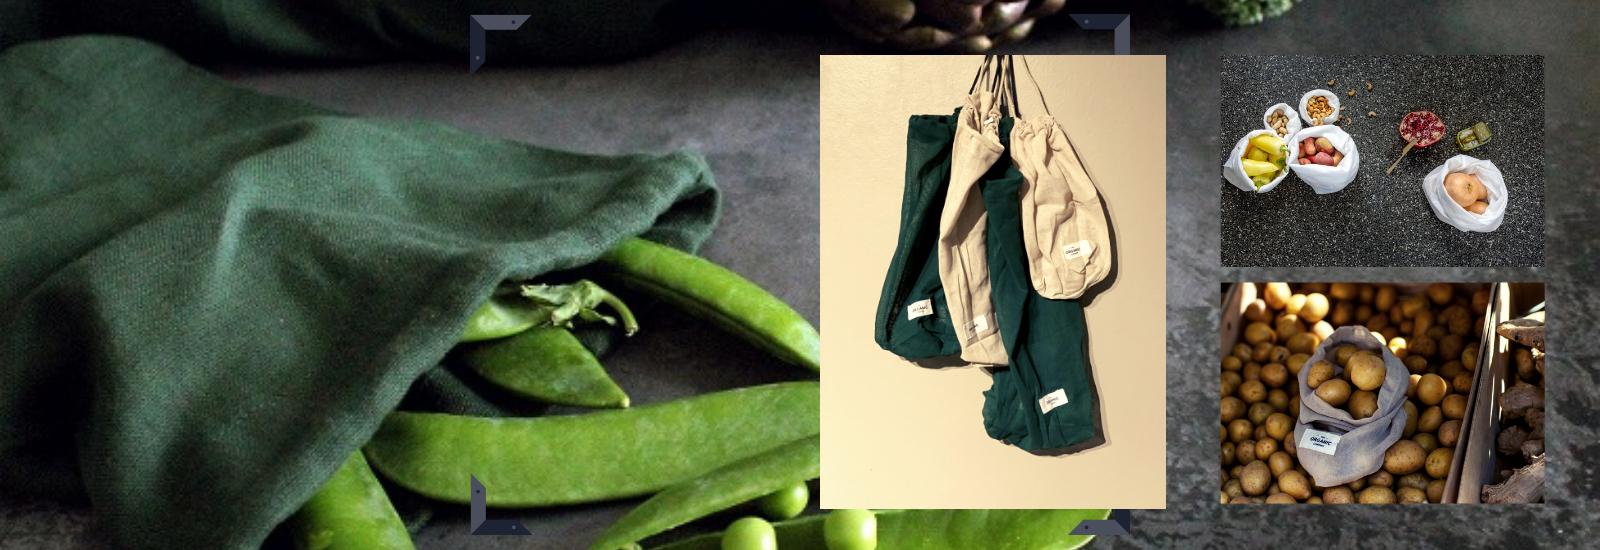 Økologisk oppbevaringsposer for mat, reduser plast.